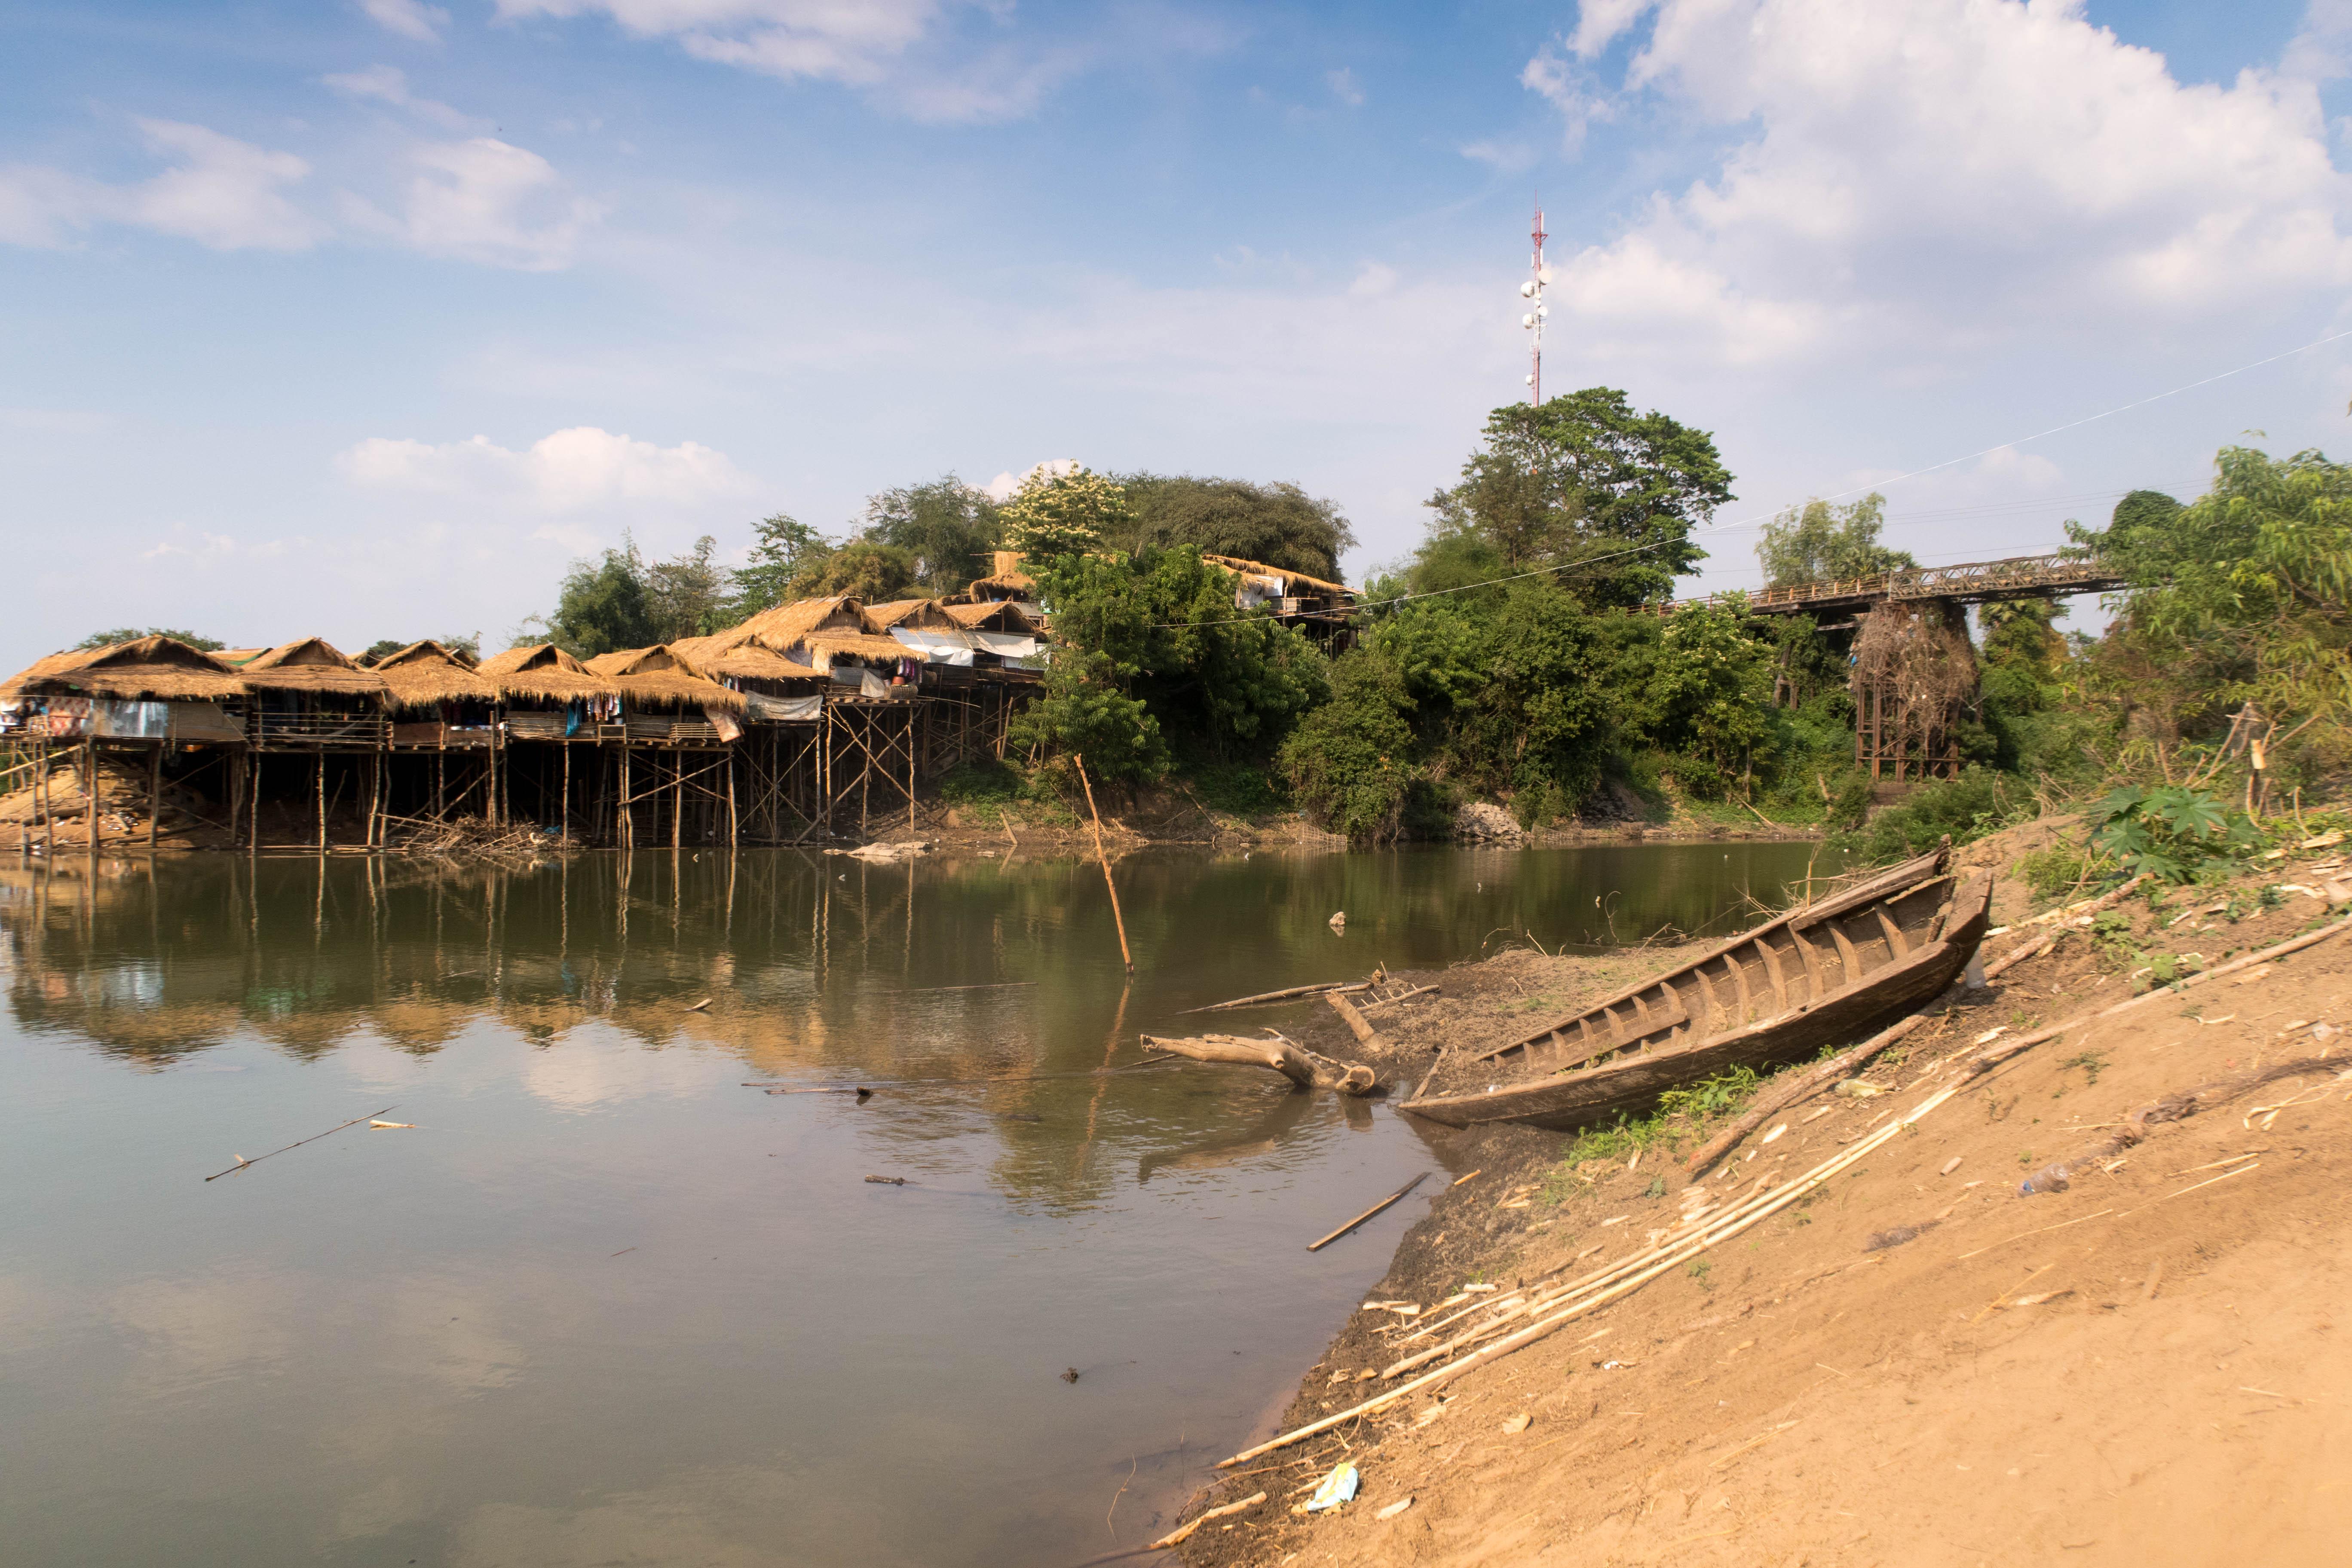 Maisons pêcheurs bateau - CAMBODGE